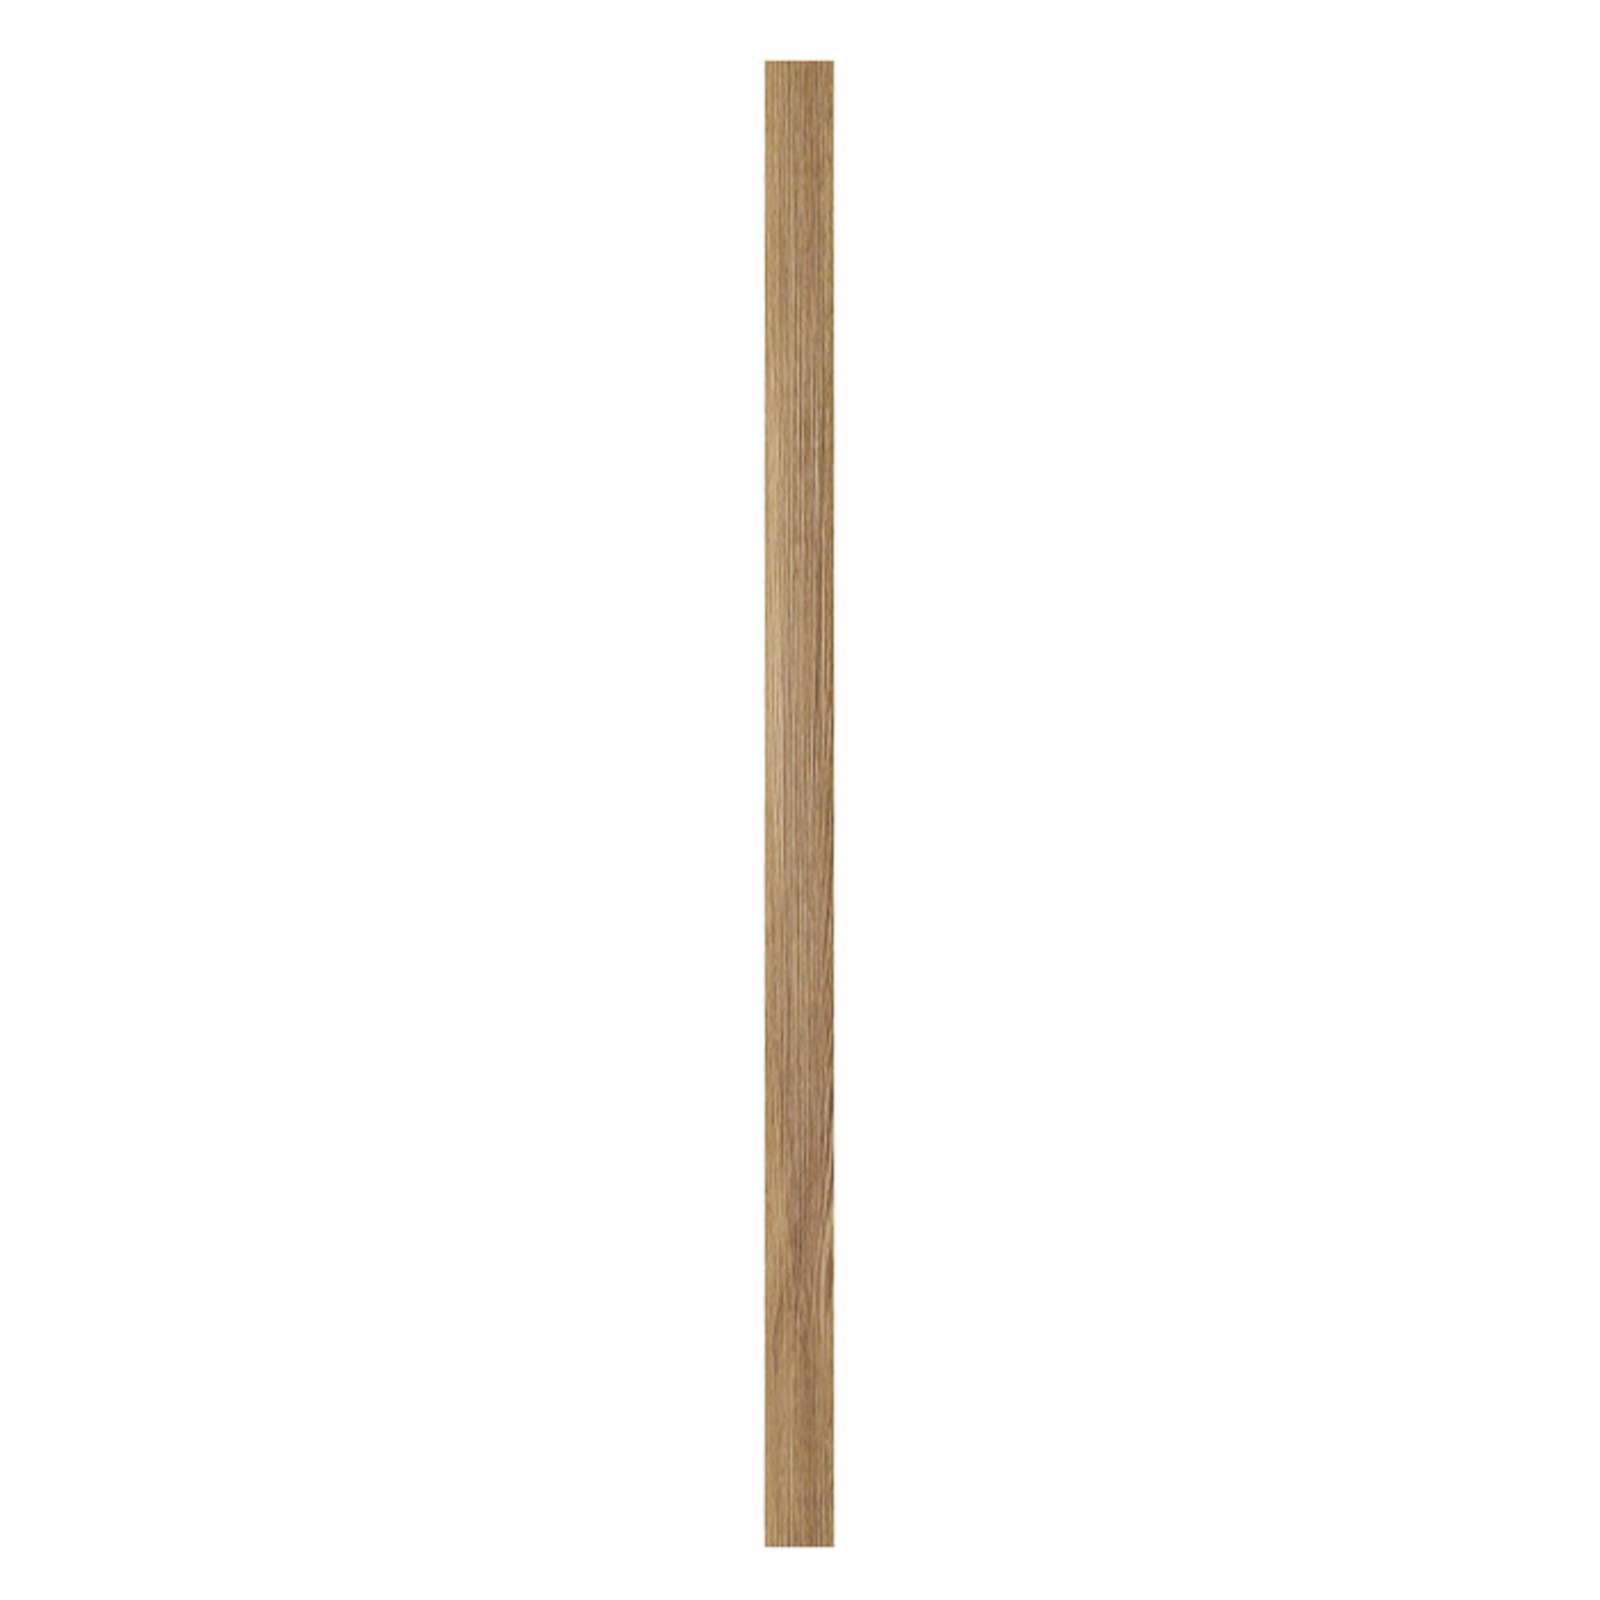 Дверная коробка Синержи, Ель карпатская, прямая, 2070*70*28мм